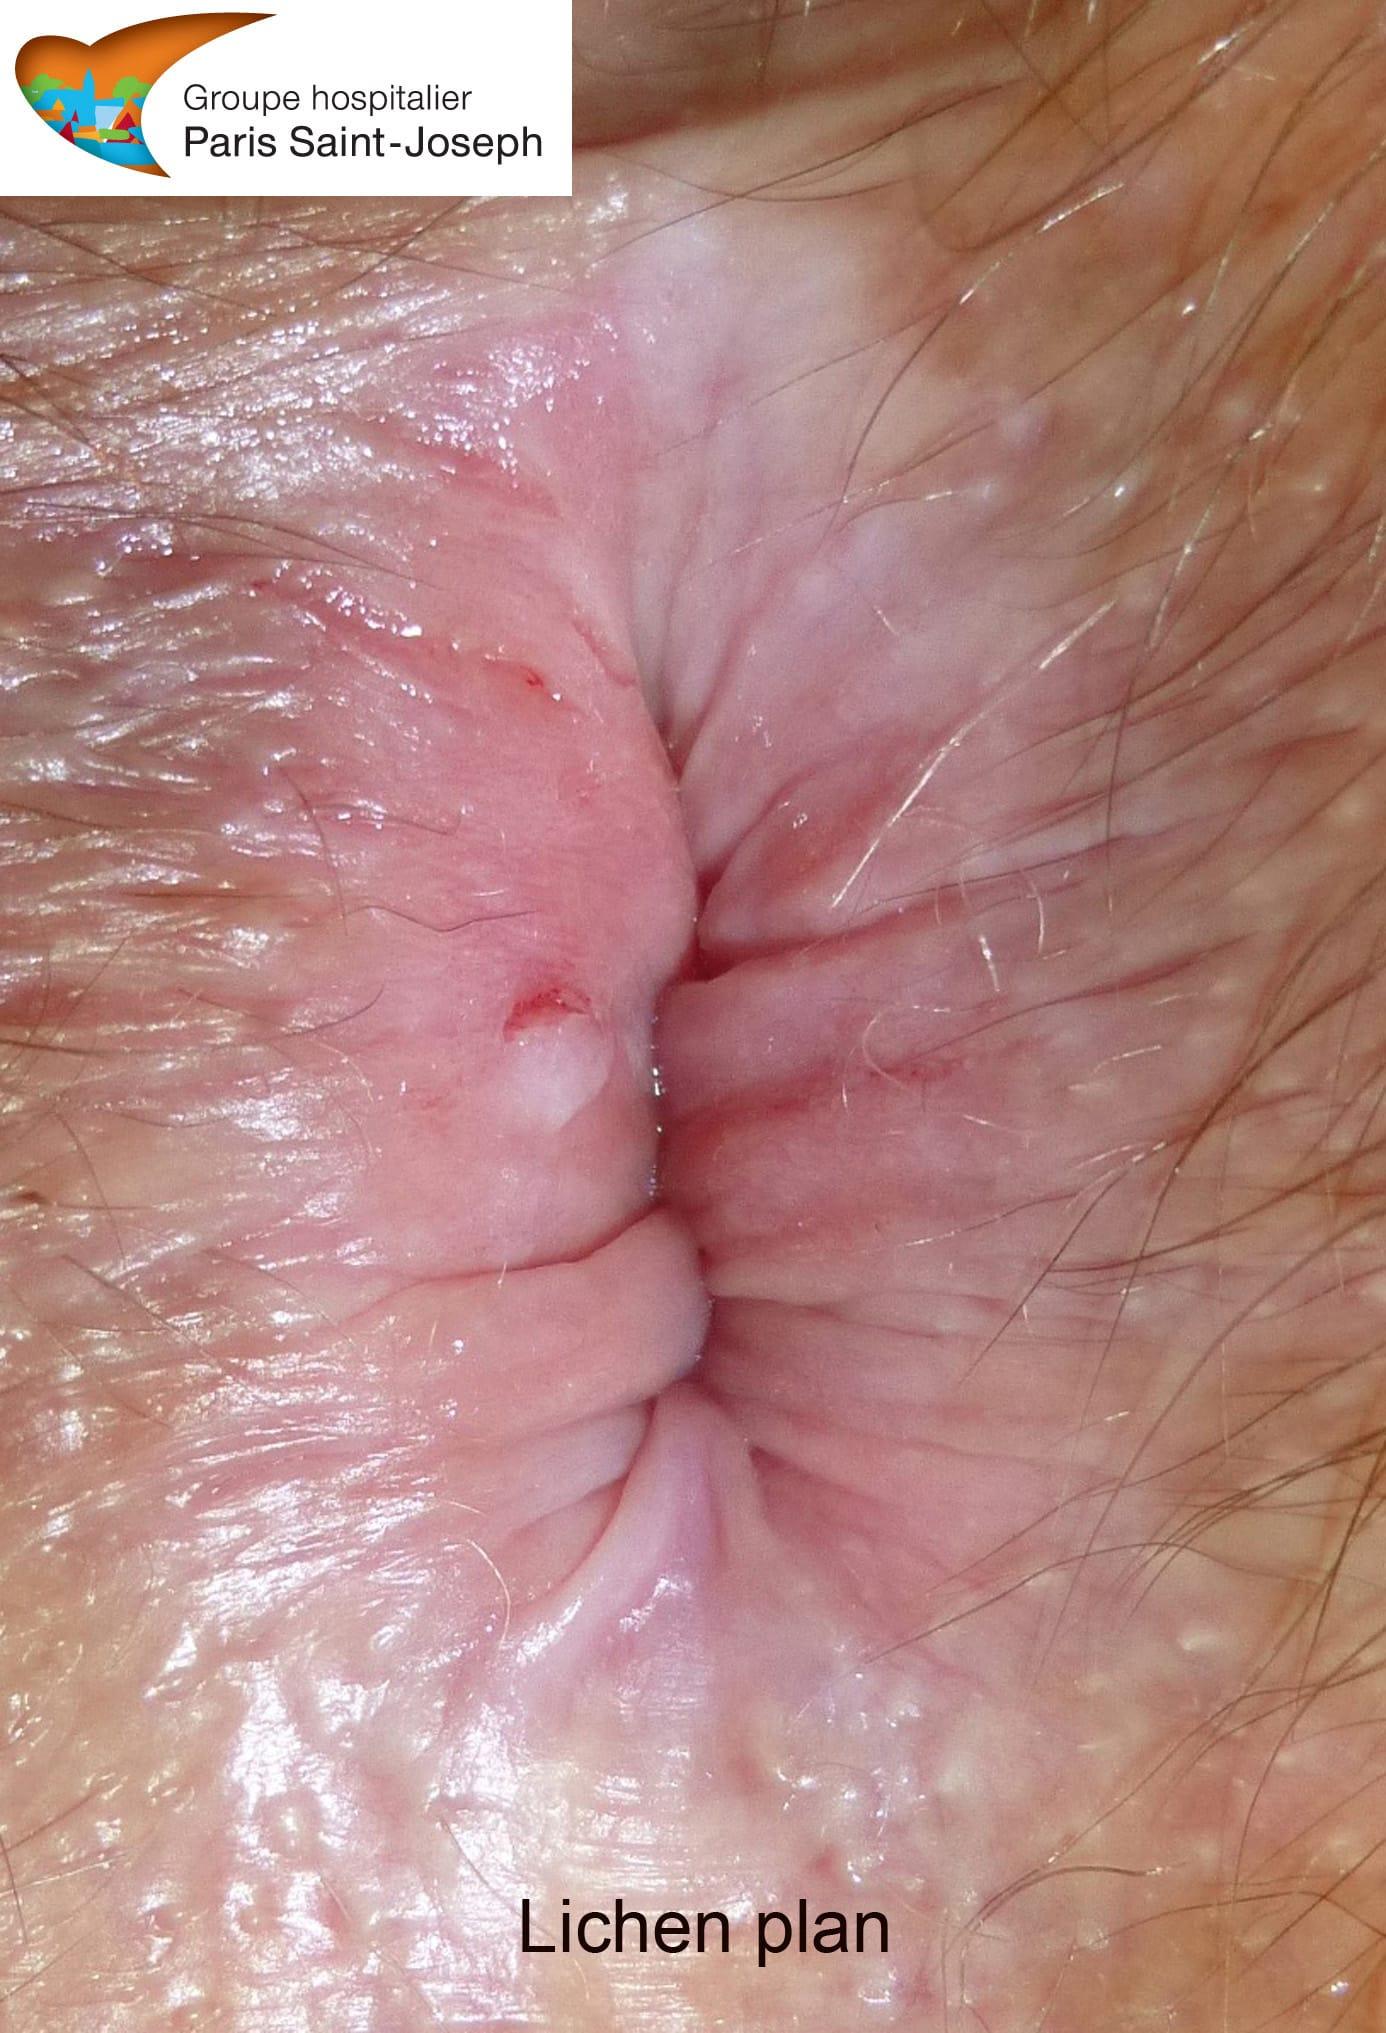 Le psoriasis de la partie hispide de la tête le shampooing